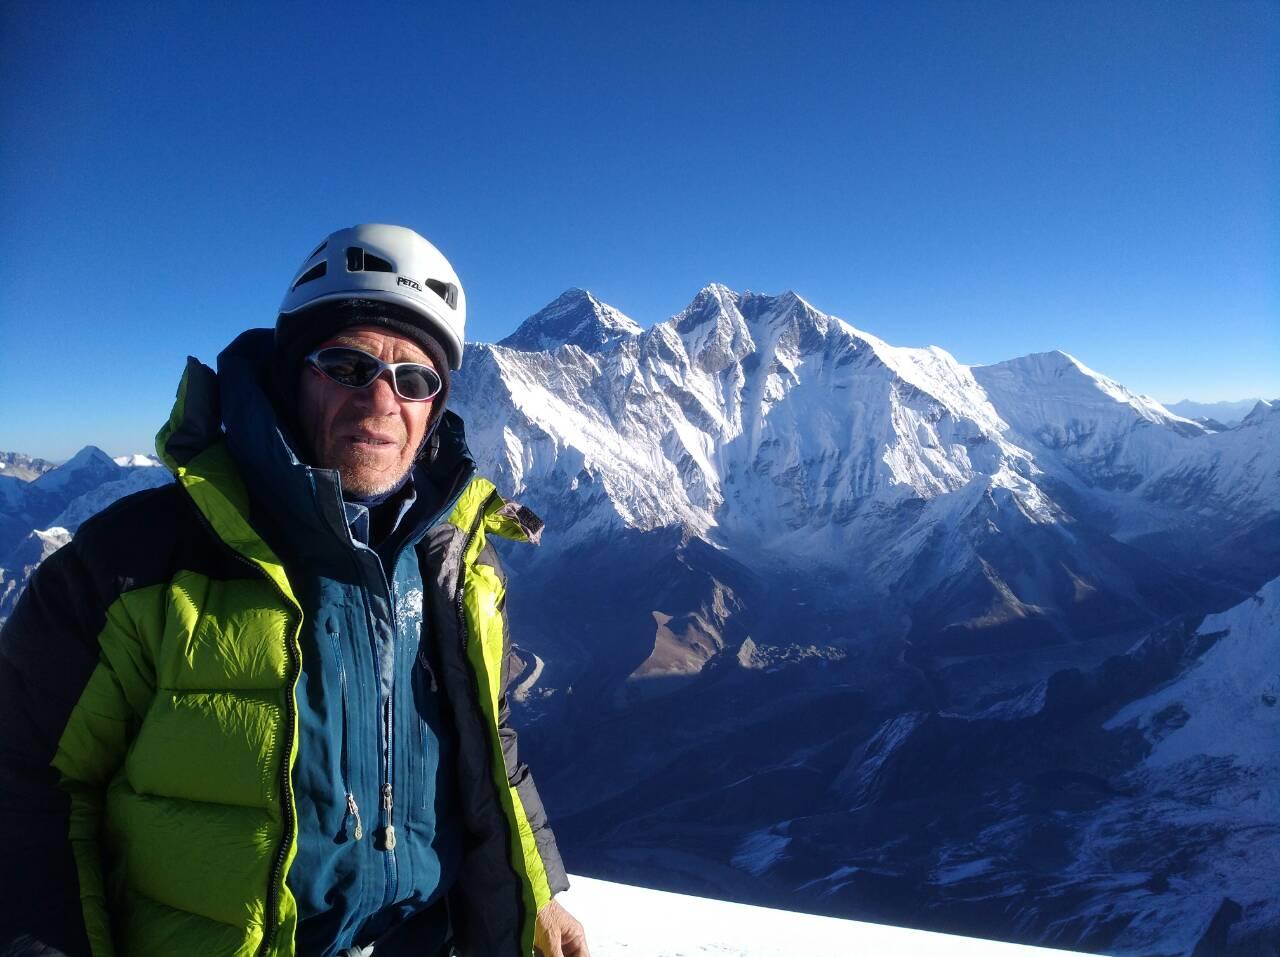 Gorski vodnik IFMGA/UIAGM Franc Pepevnik Aco na vrhu Ama Dablam 6812 m (Foto: Marjeta Brežnik)